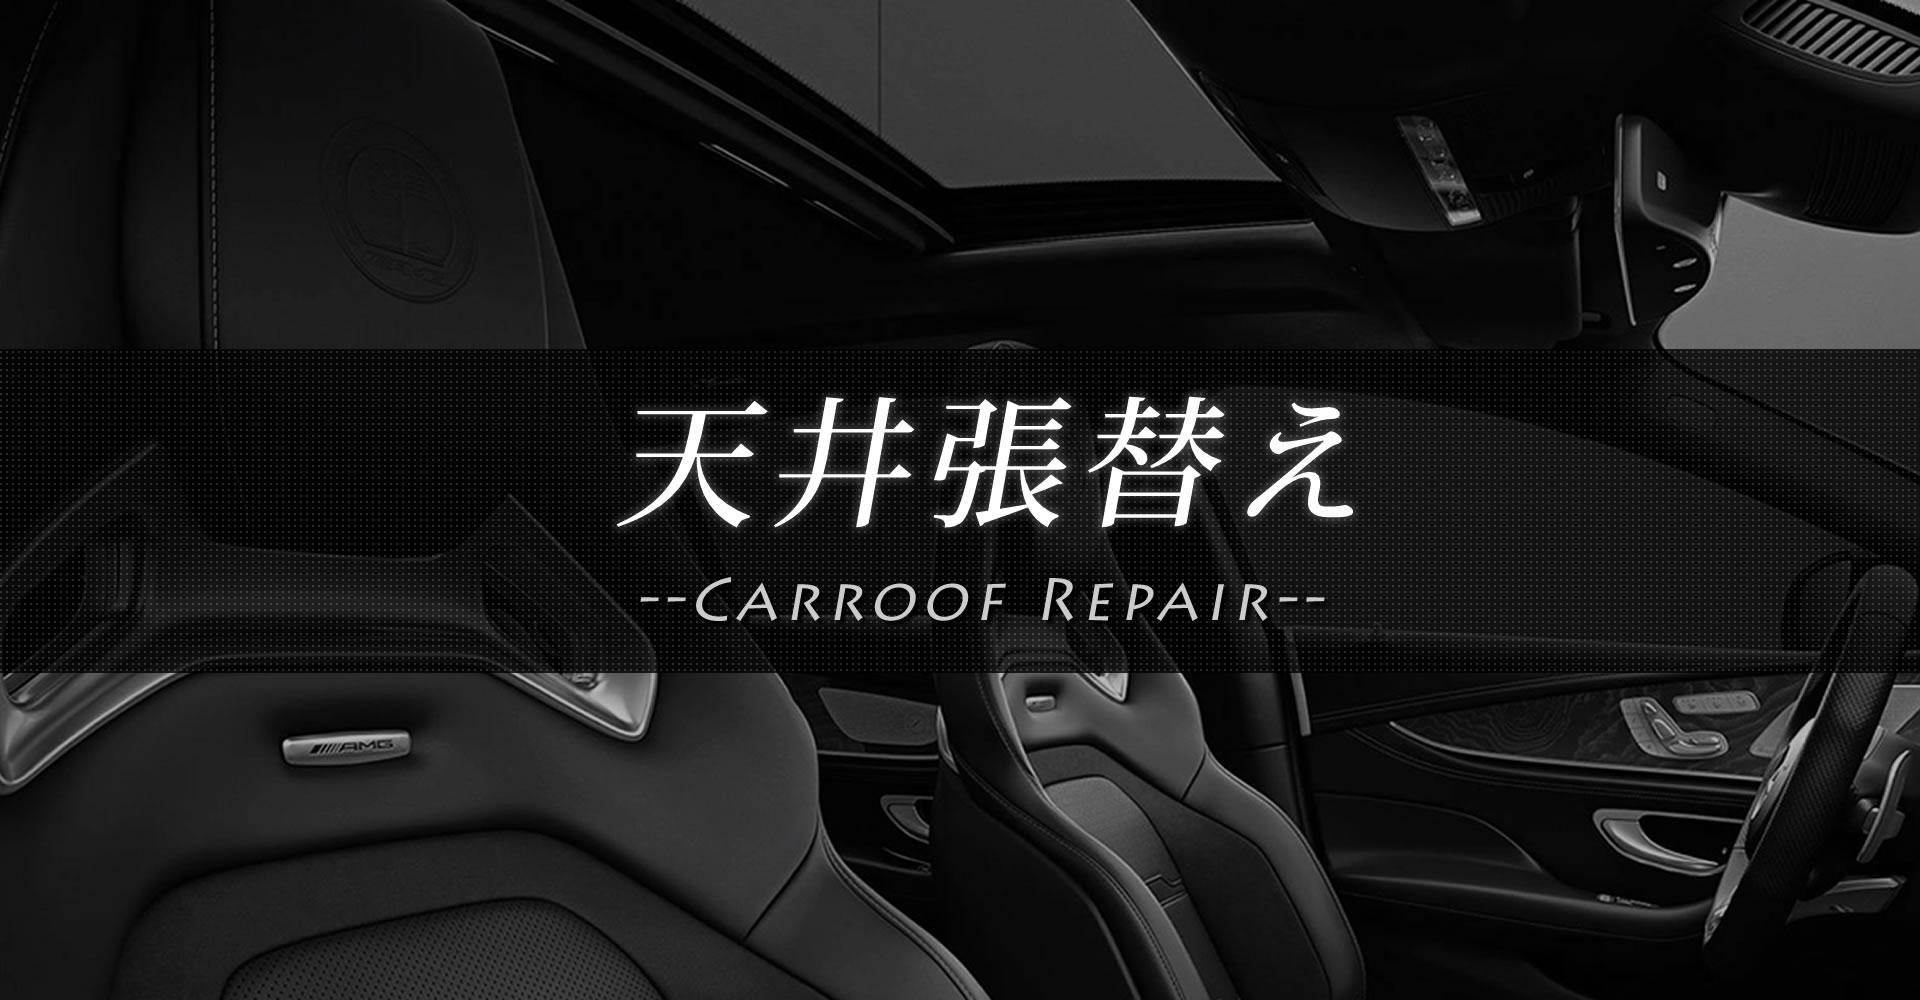 topcarroofrepair4